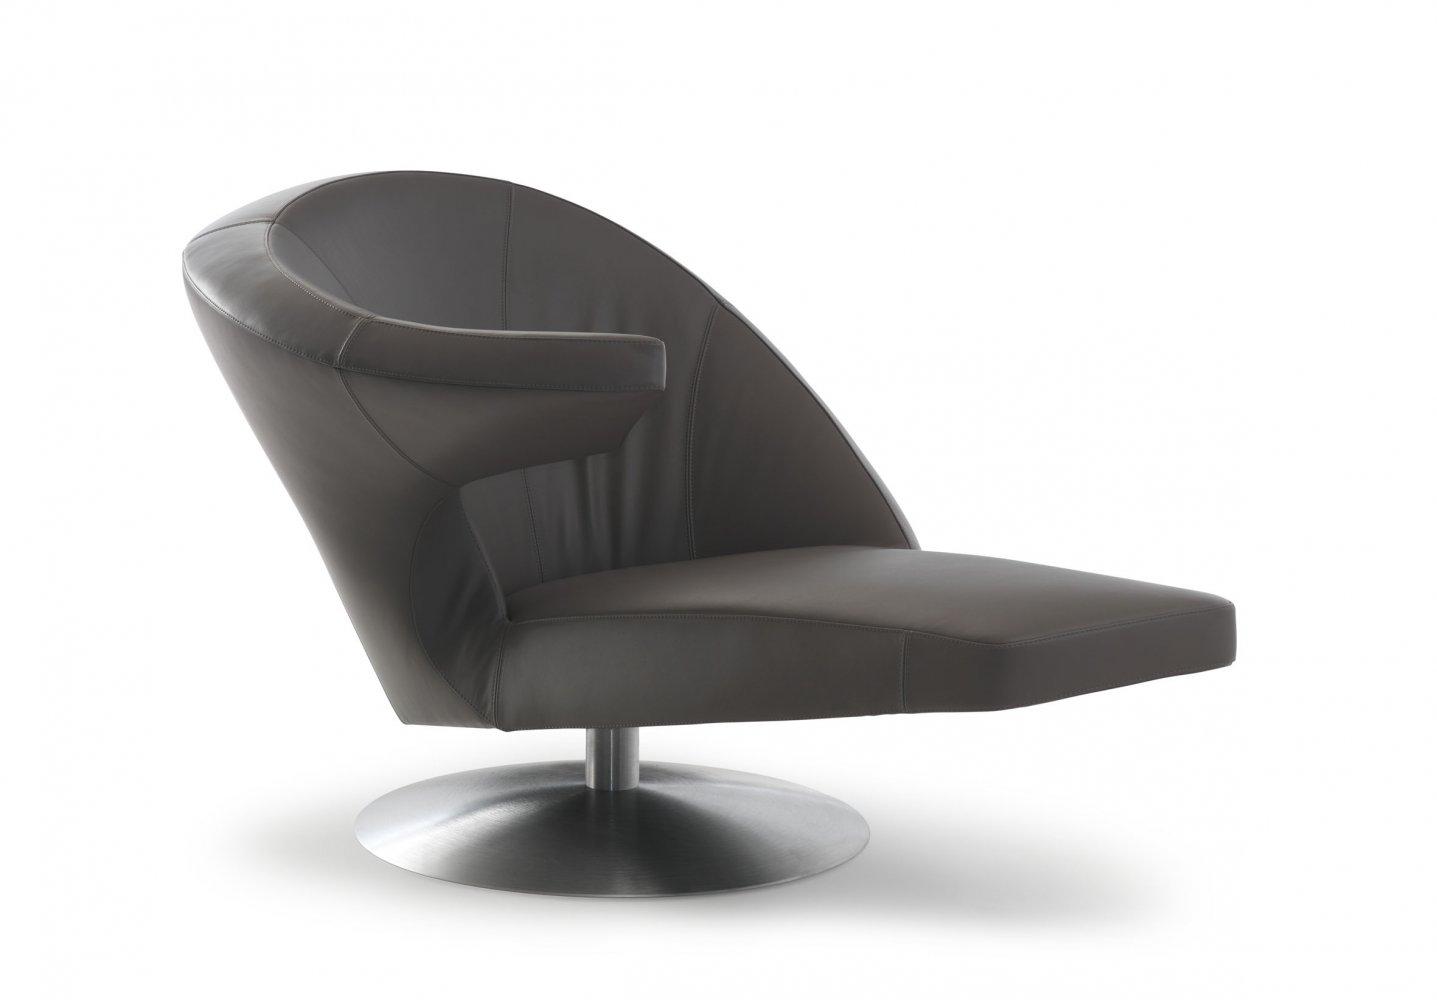 roomeon blog - leolux: preisgekrönte und extravagante designmöbel, Mobel ideea